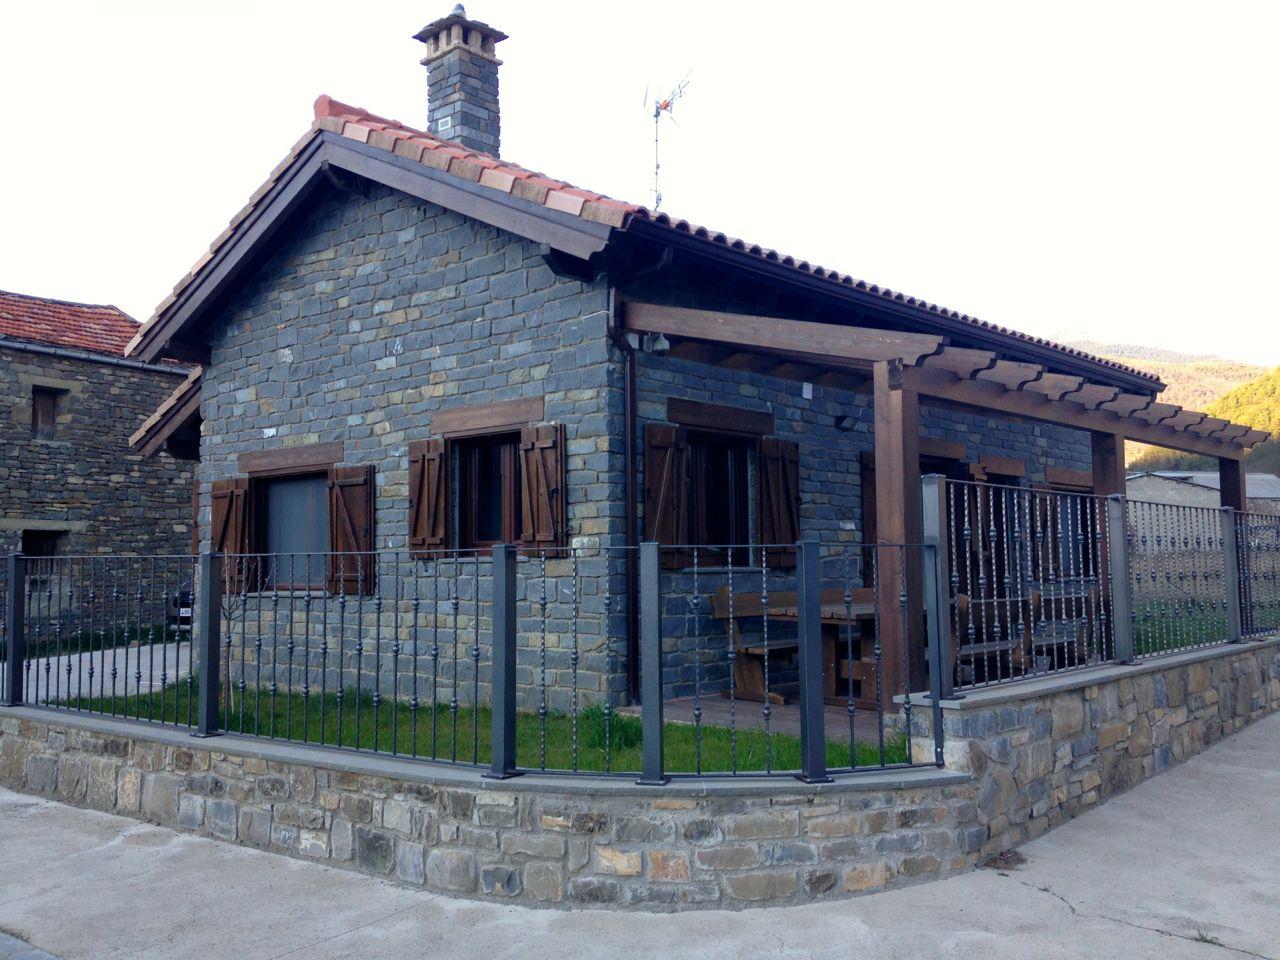 Pablo velasco desde santa elena a or s alto por el pr hu 78 - Casa rural santa elena ...